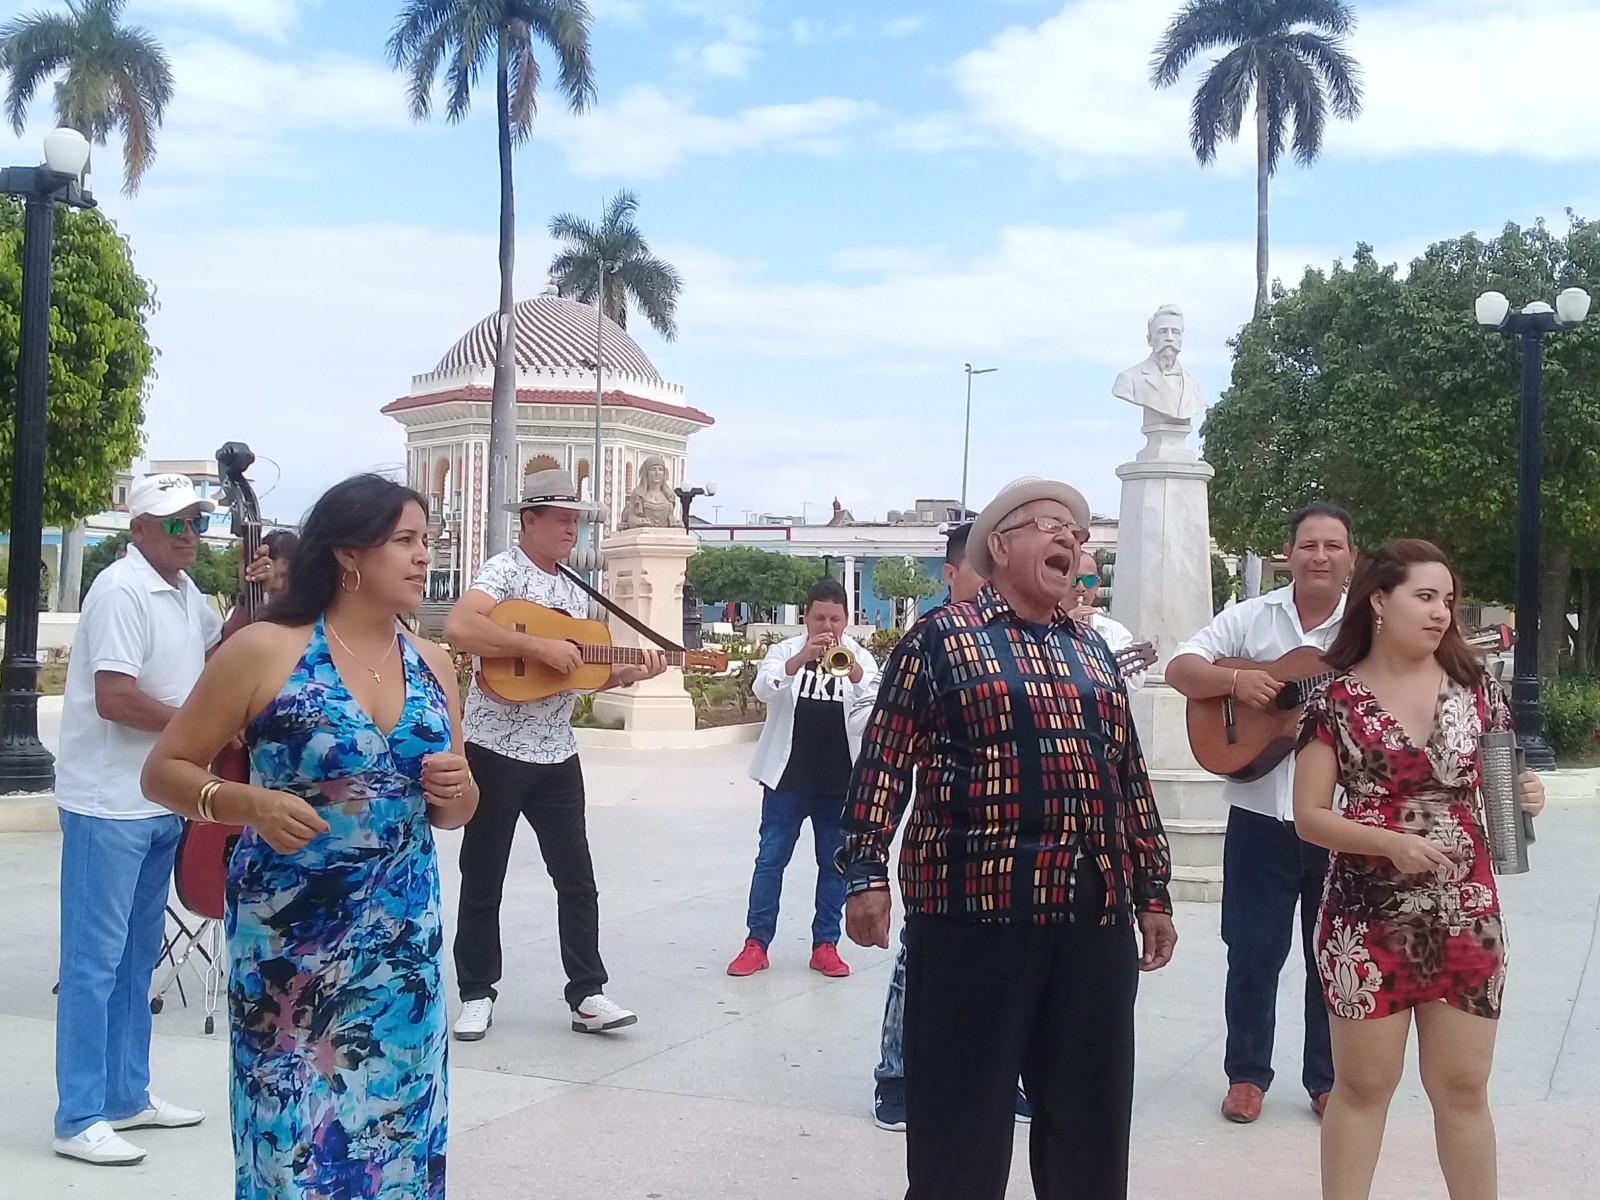 Graban videos clip de grupo campesino manzanillero